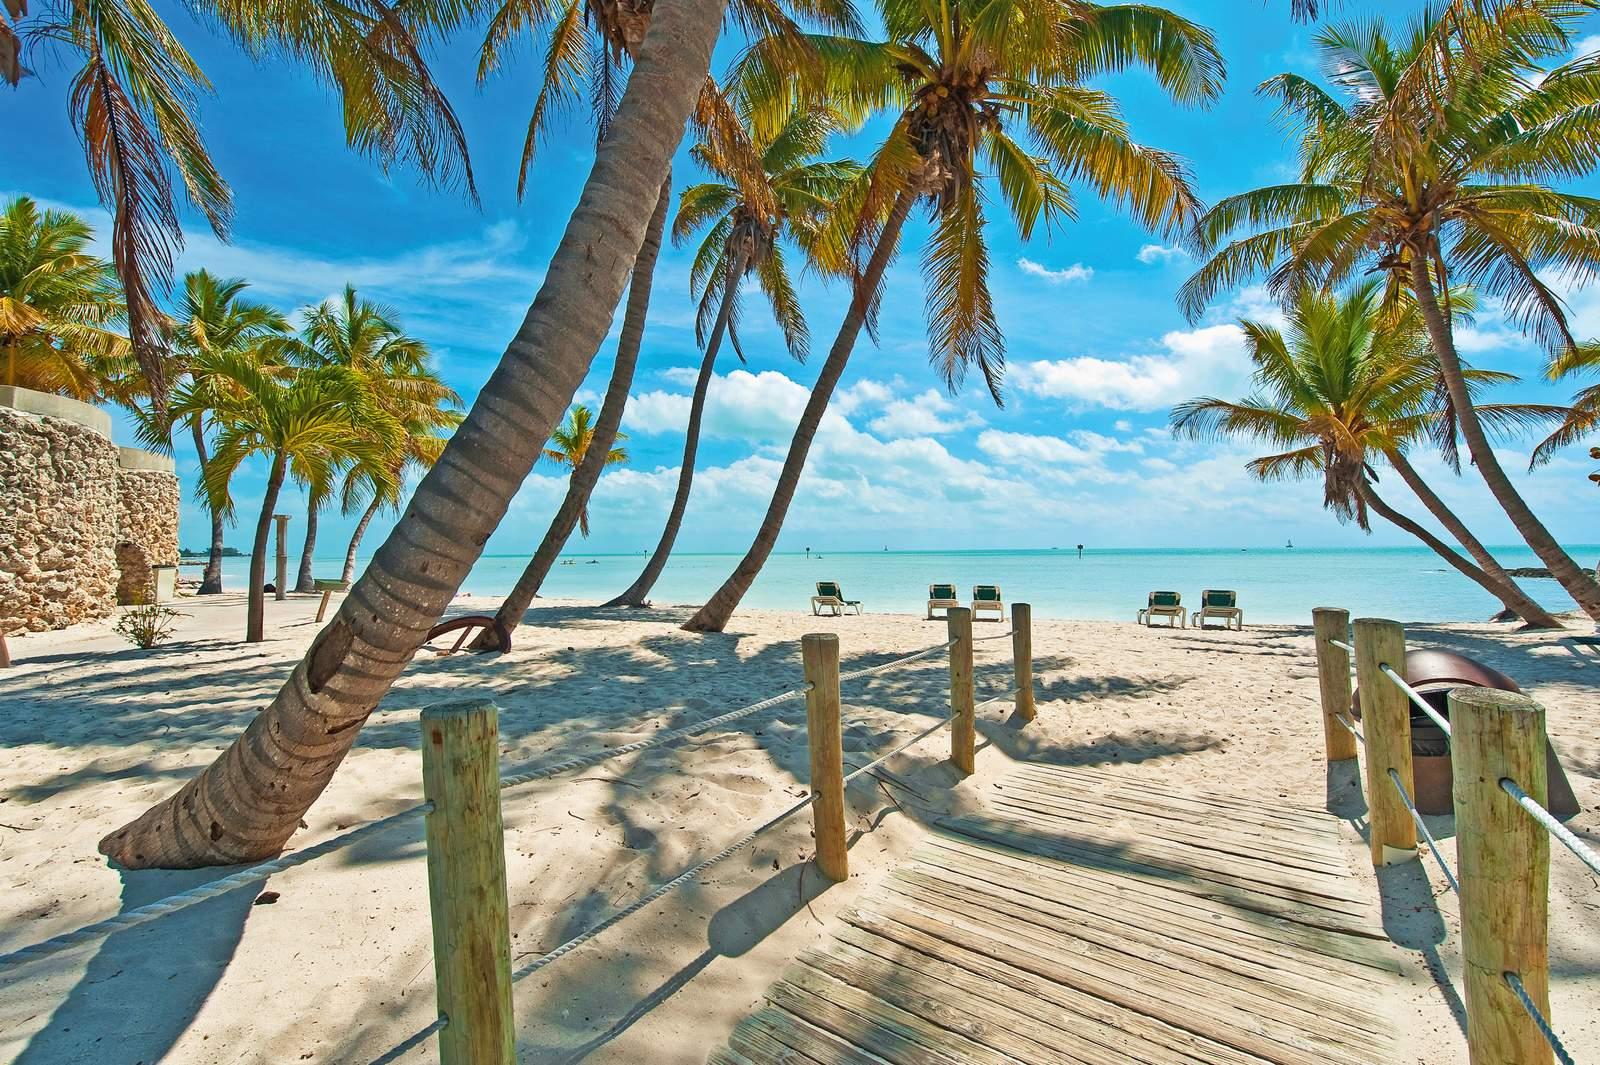 Am Strand von Key West